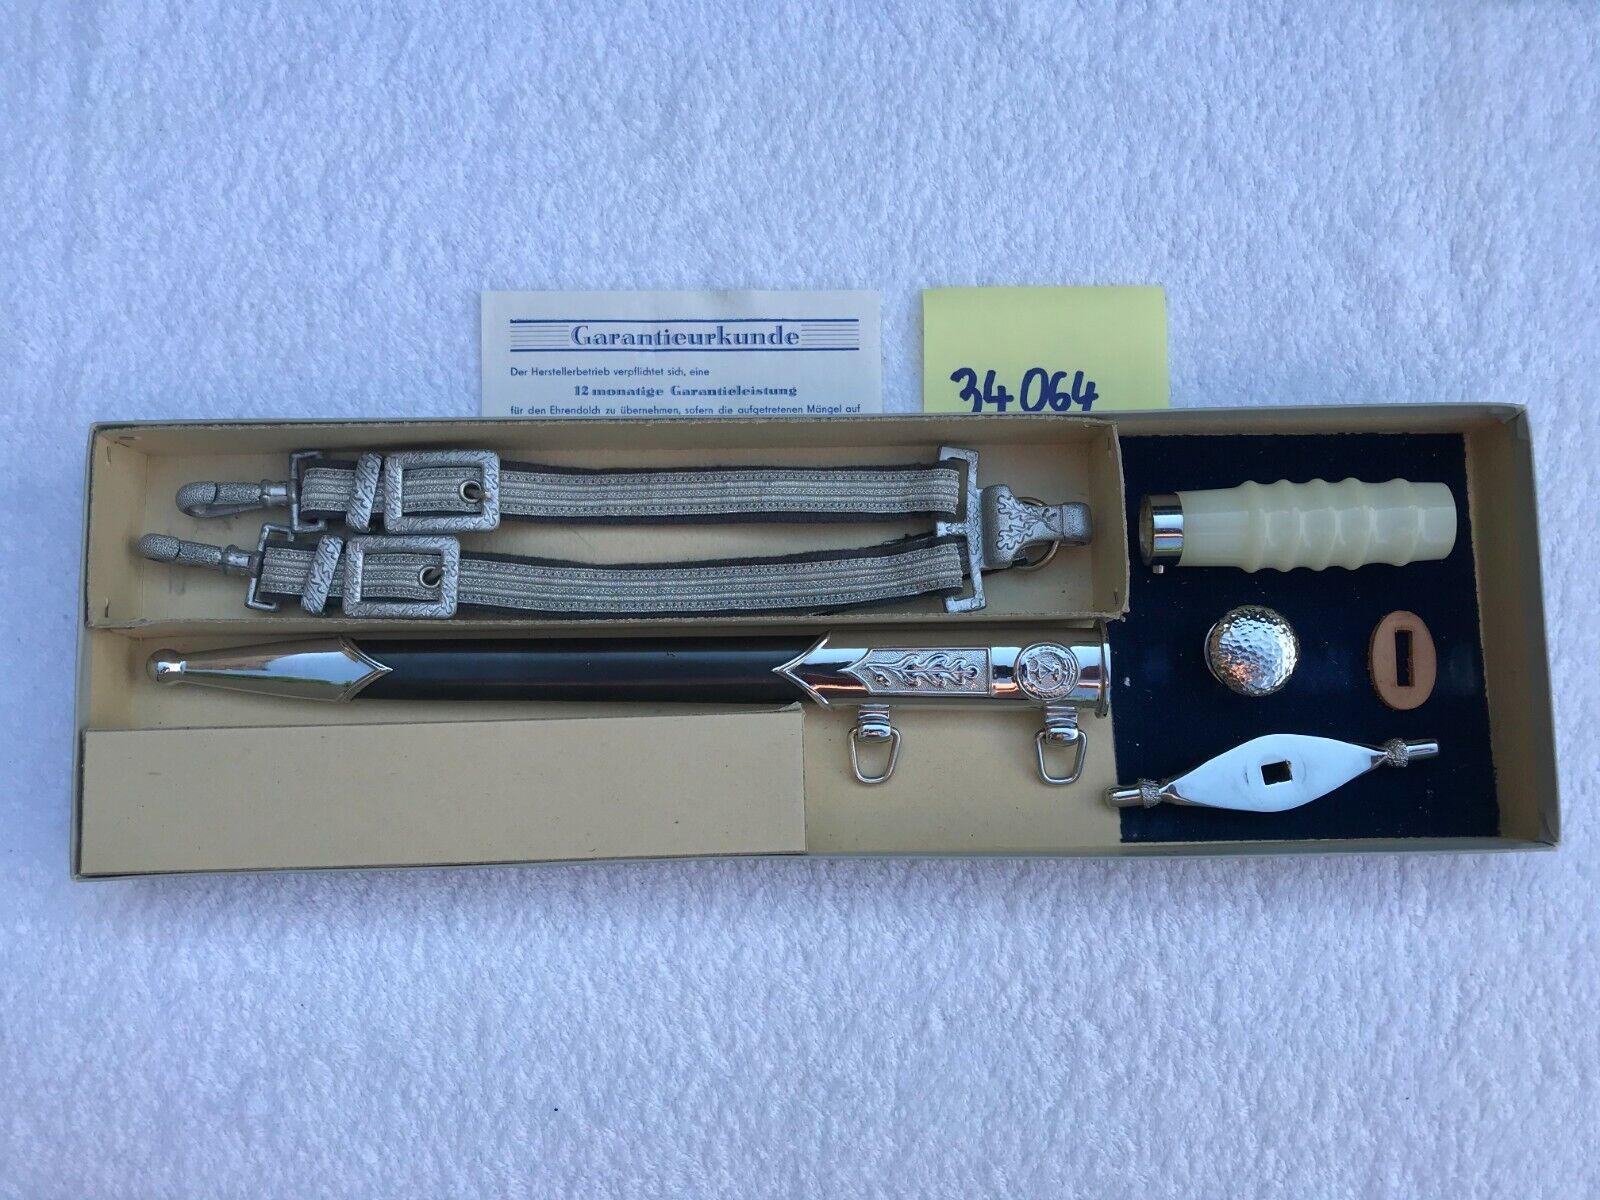 Bild 1 - NVA- Offizier Dolch Ersatzteile mit Karton, Garantieurkunde und Logo